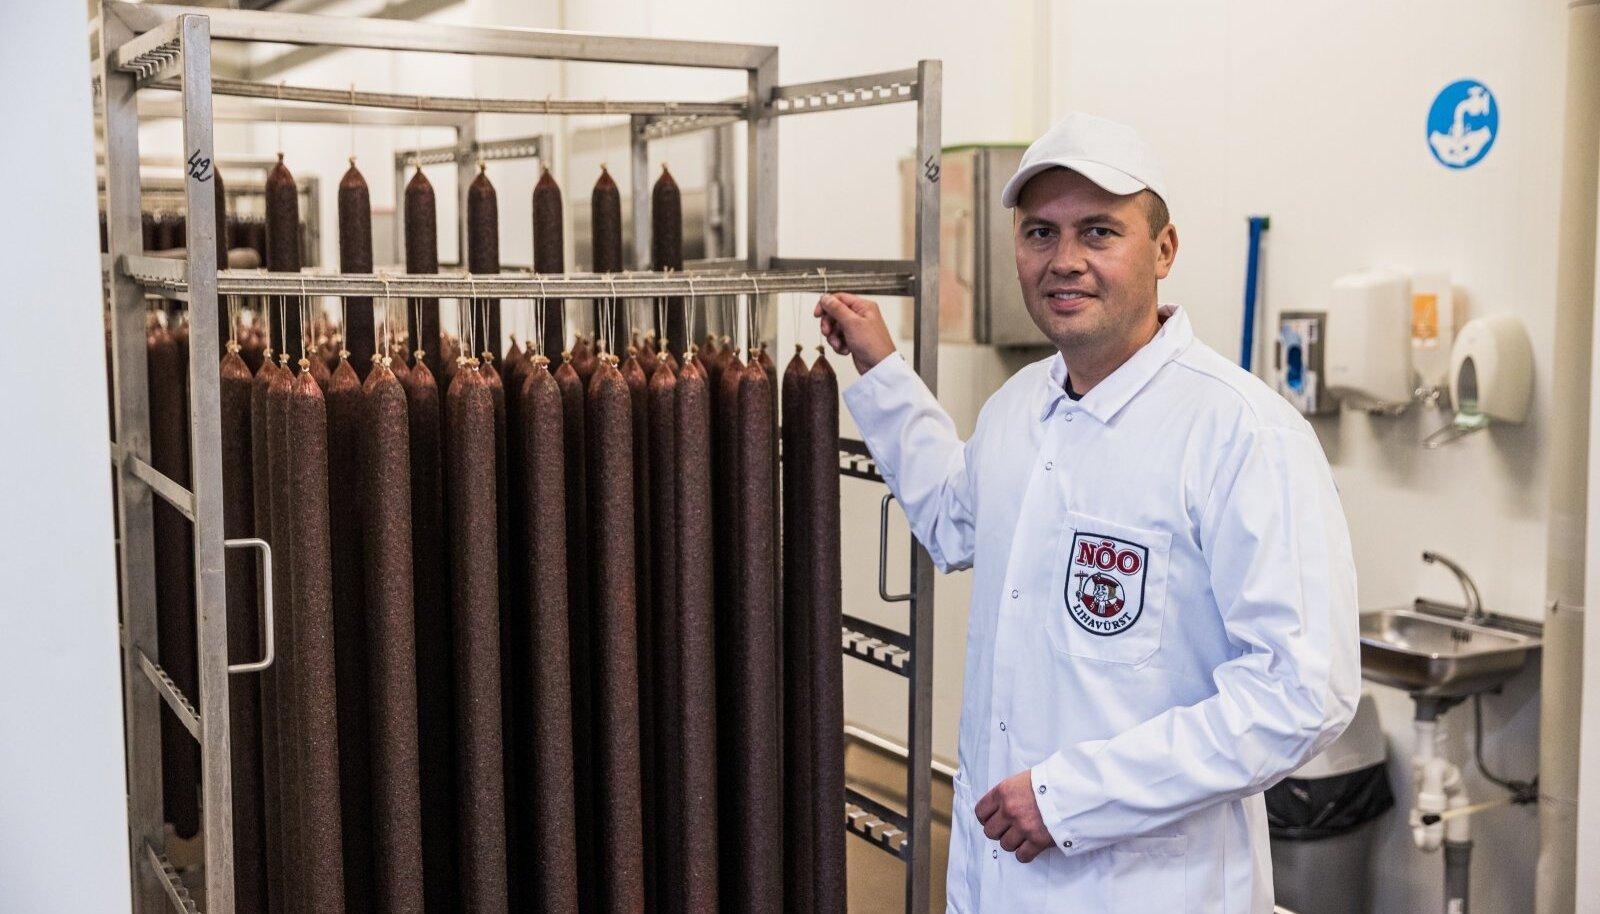 Simmo Kruustük ütles, et Nõo Lihatööstuses on veerand töötajatest renditööjõud.